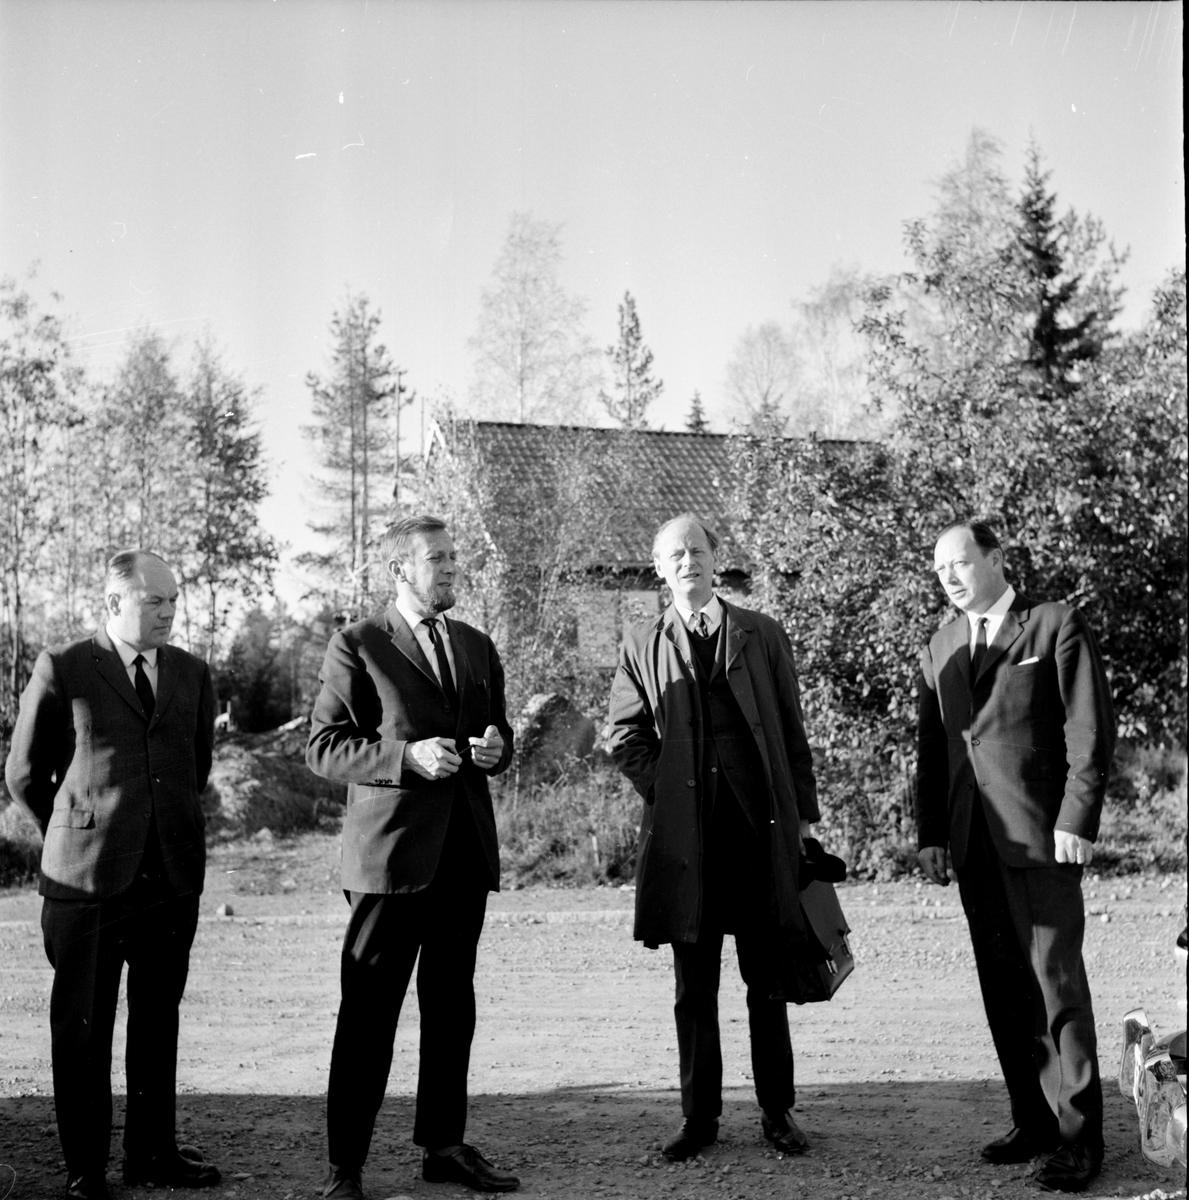 Tillhagen Carl-Herman,zigenare, i Bollnäs, 6 Okt 1964